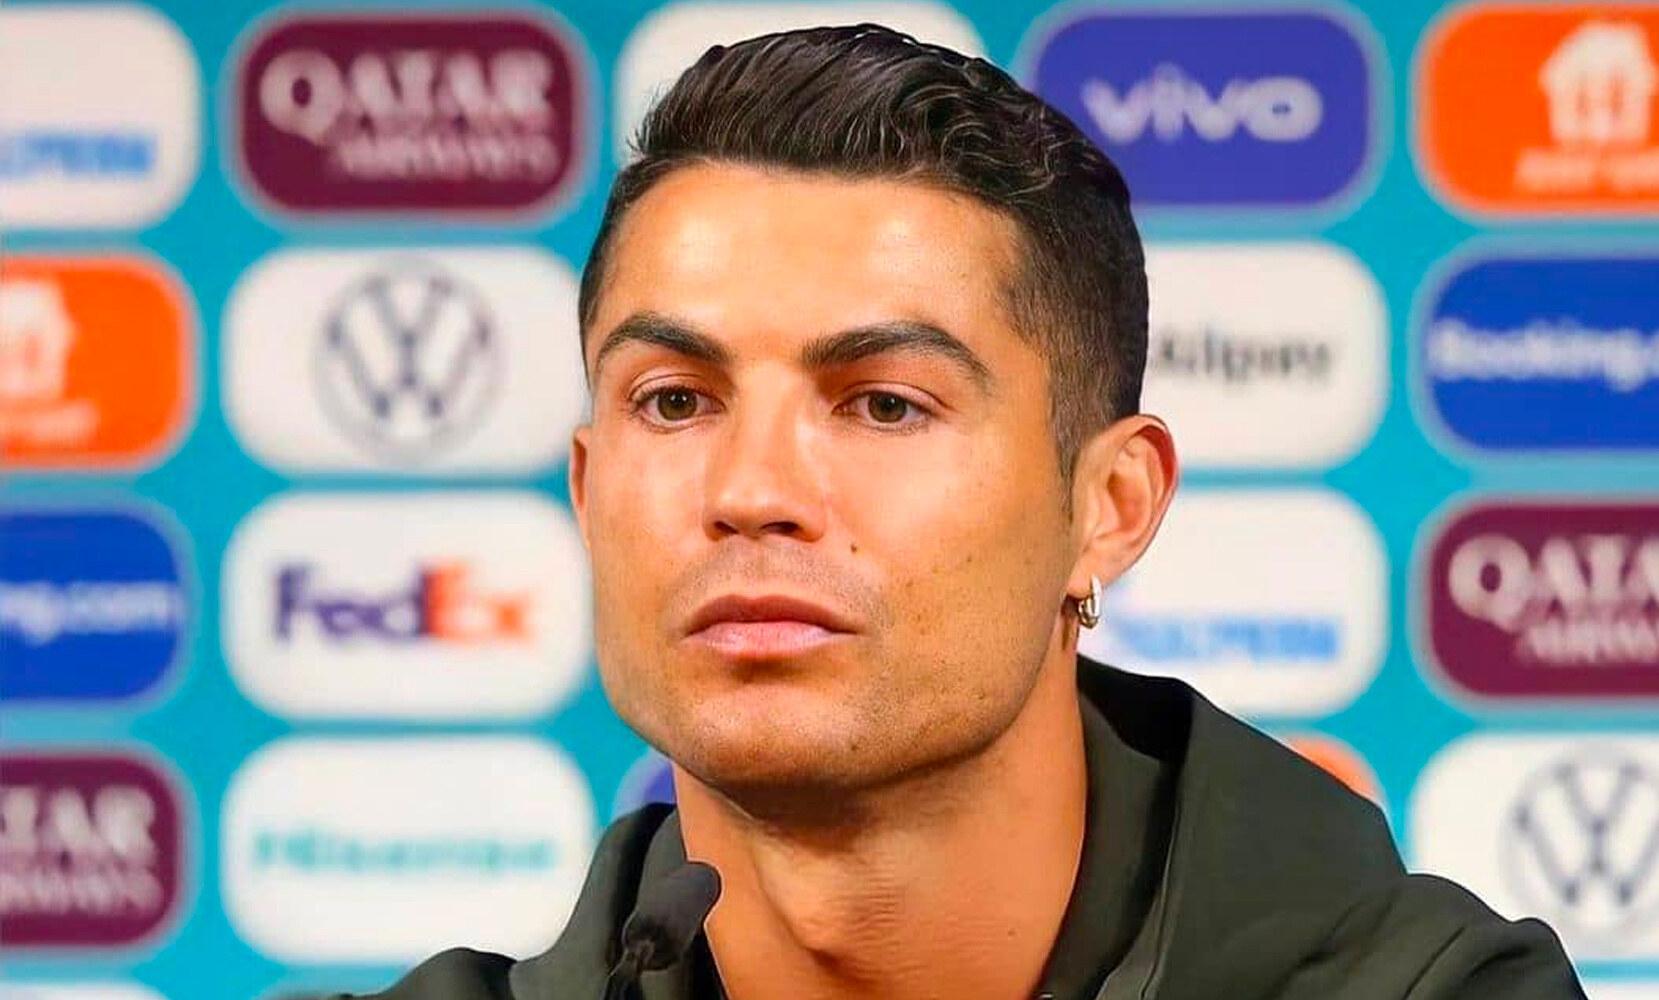 Cristiano Ronaldo Conferenza stampa euro 2020 coca-cola